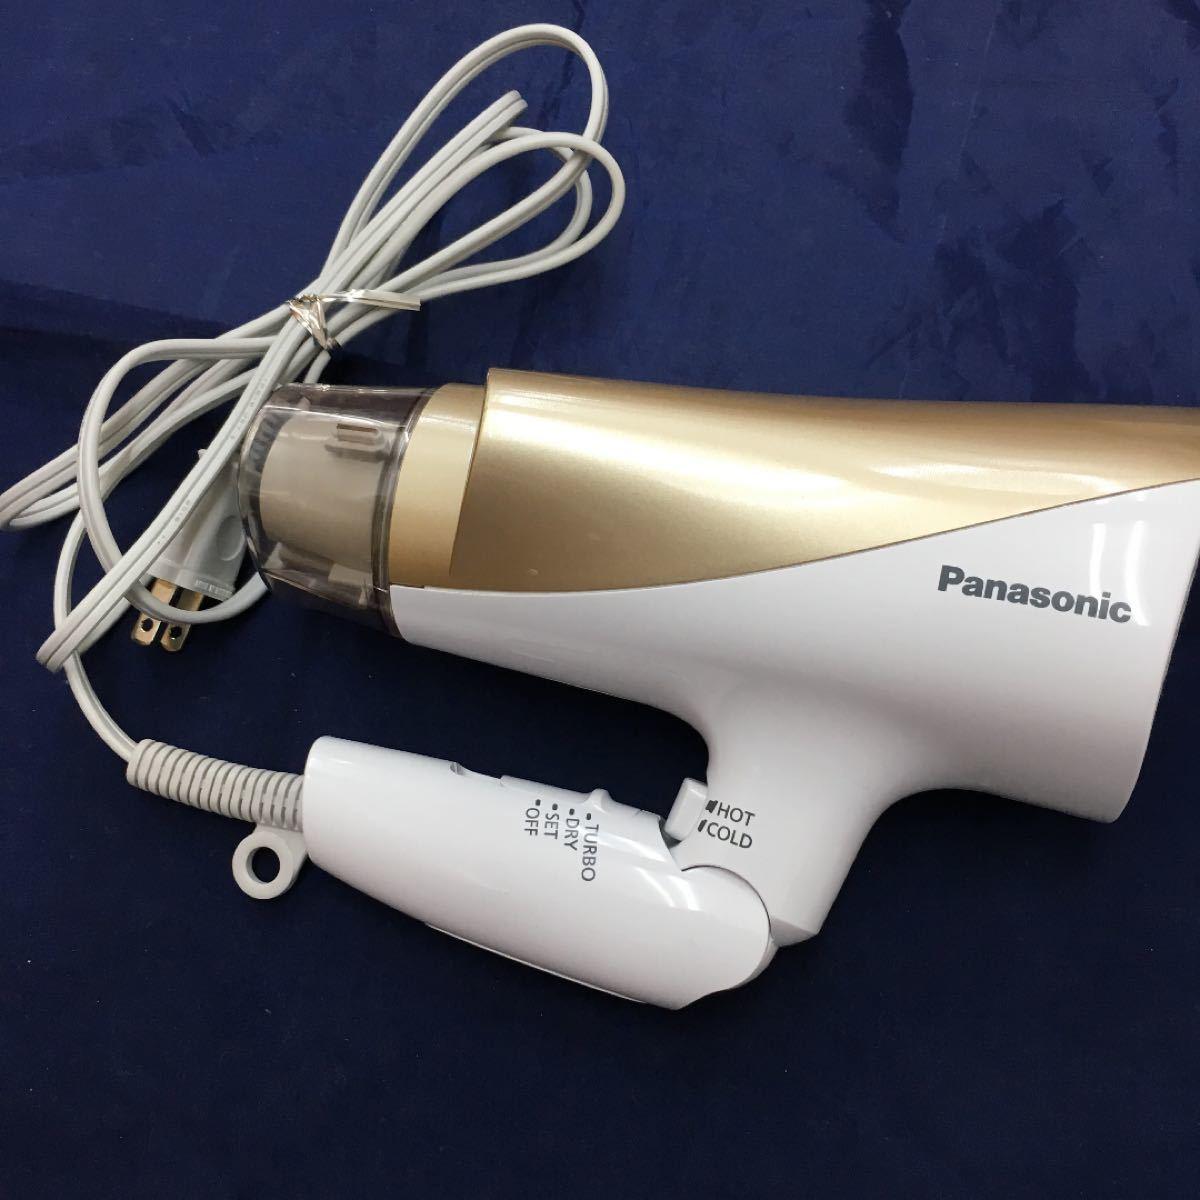 Panasonic パナソニック ヘアドライヤー イオニティ ヘアードライヤーナノケア パナソニックナノケアドライヤー